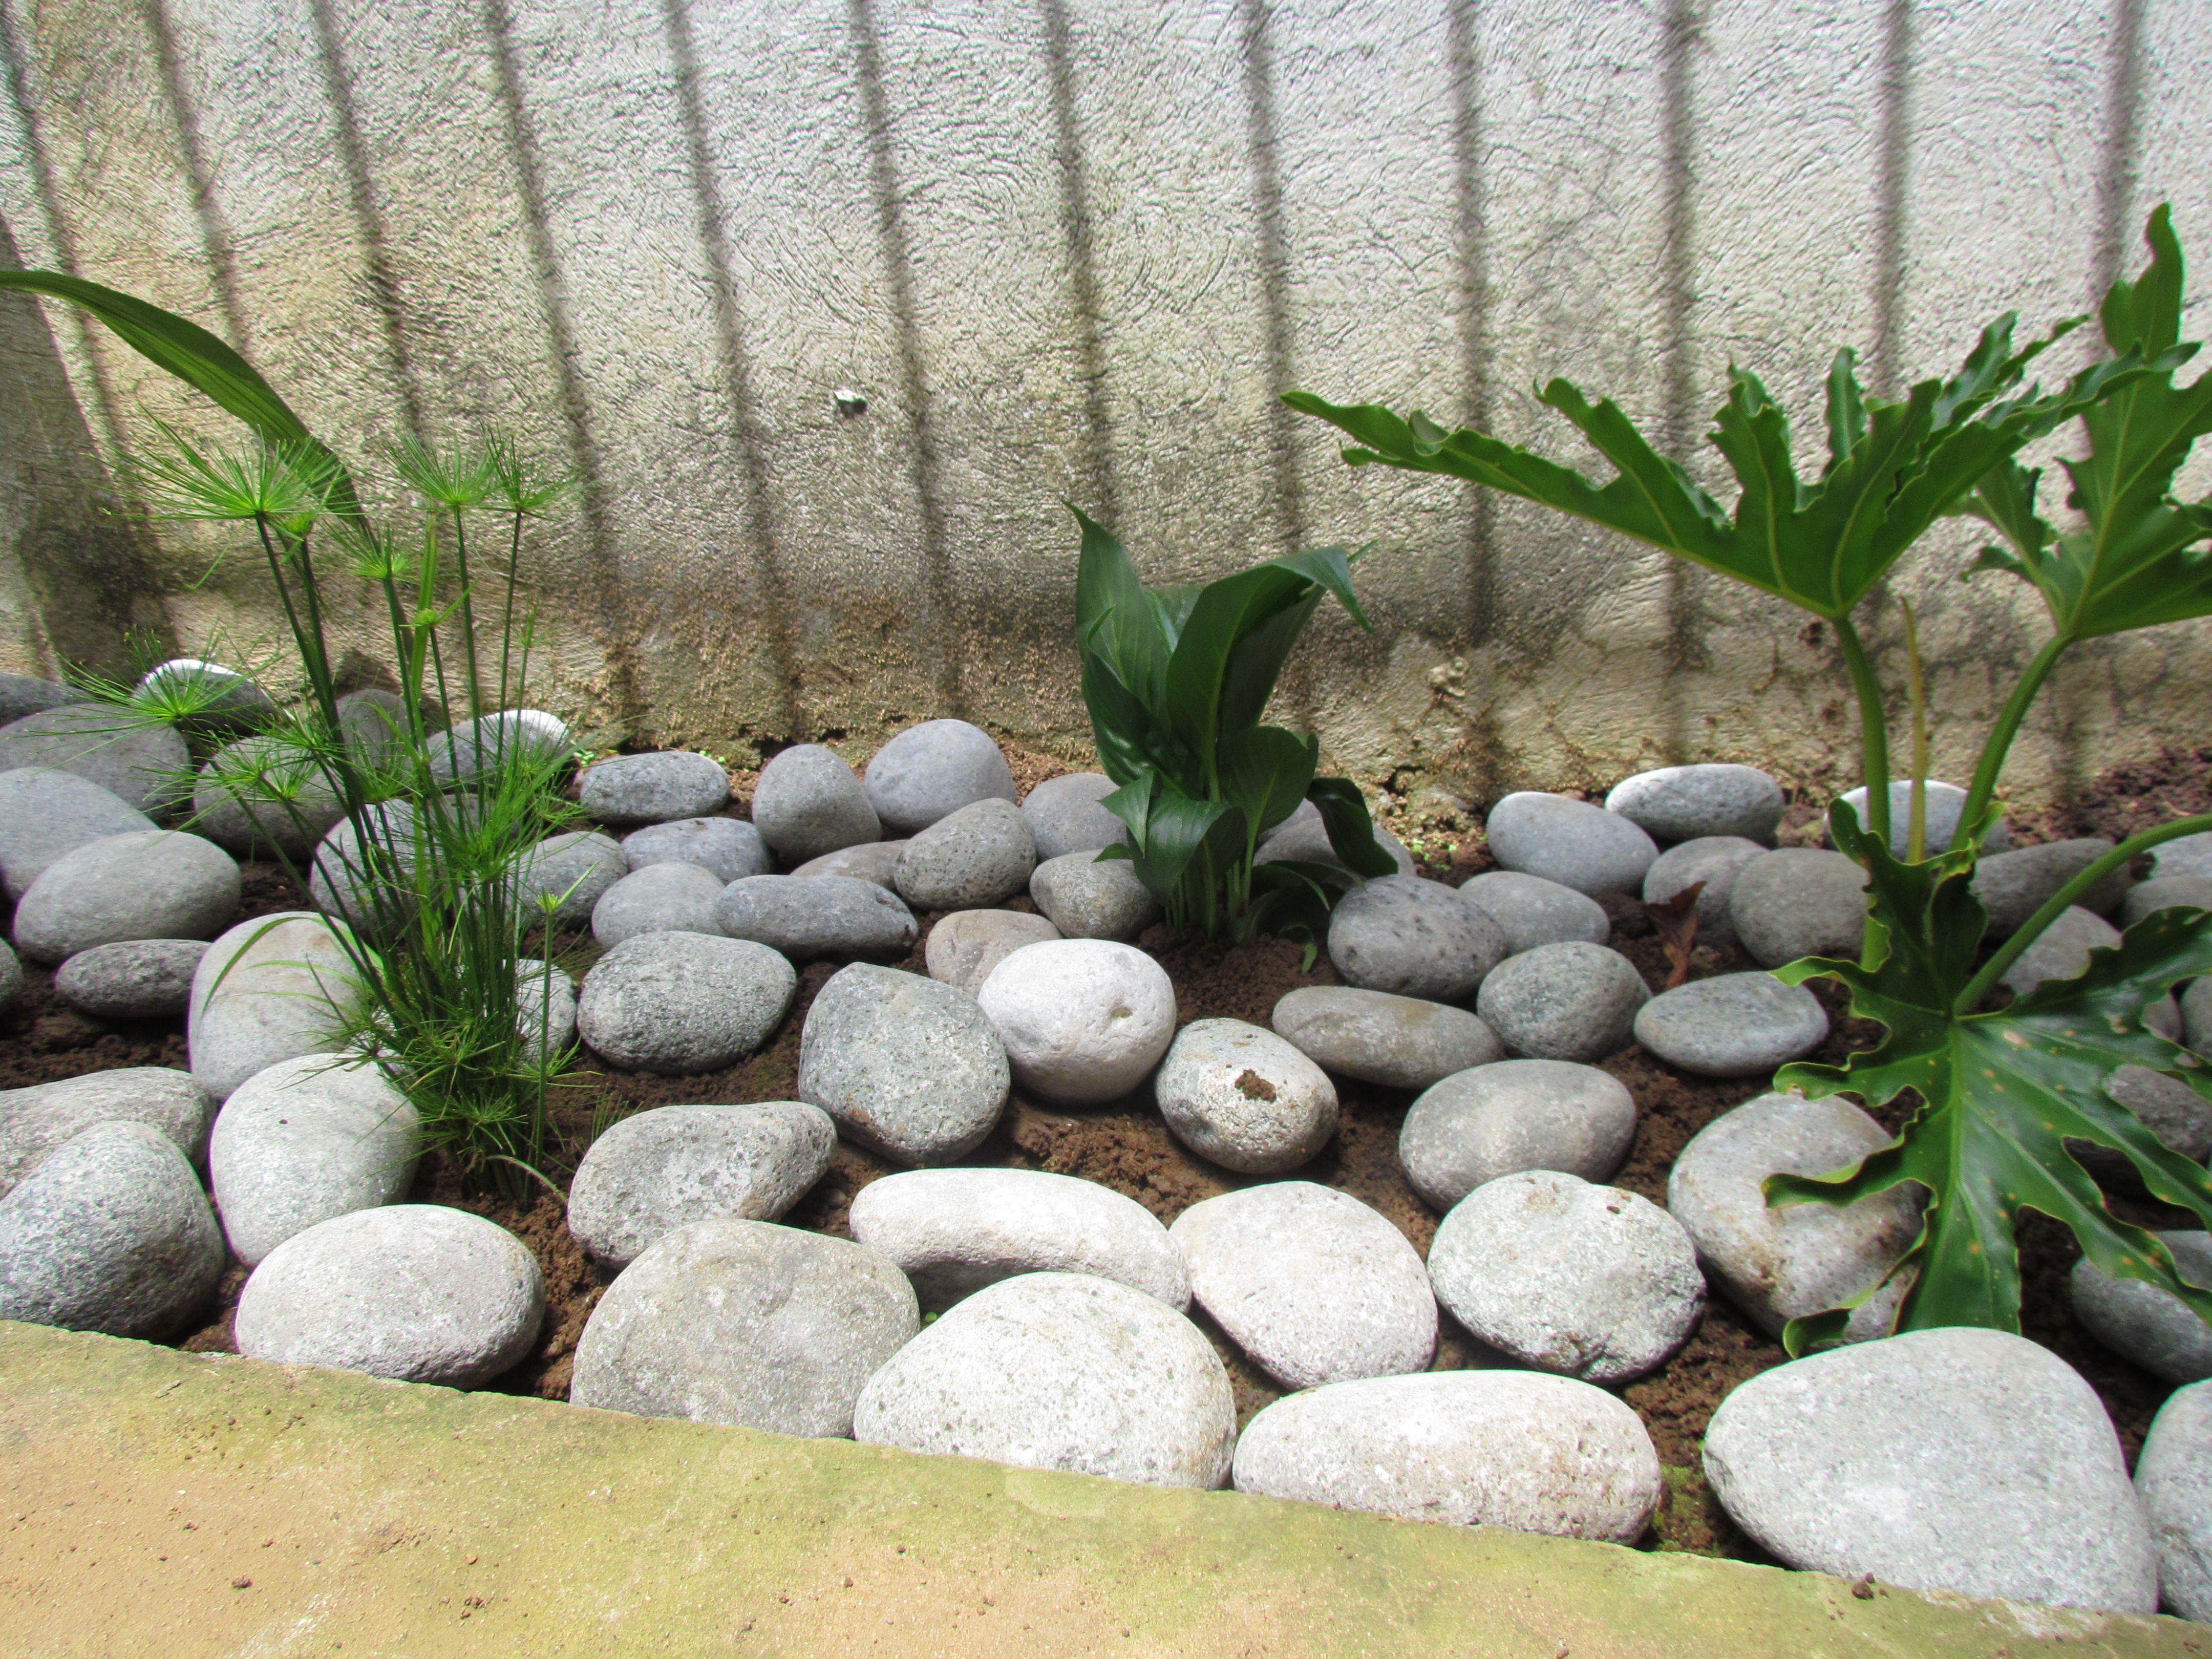 Jard n semi seco listo con las piedras de r o for Piedras para patios exteriores